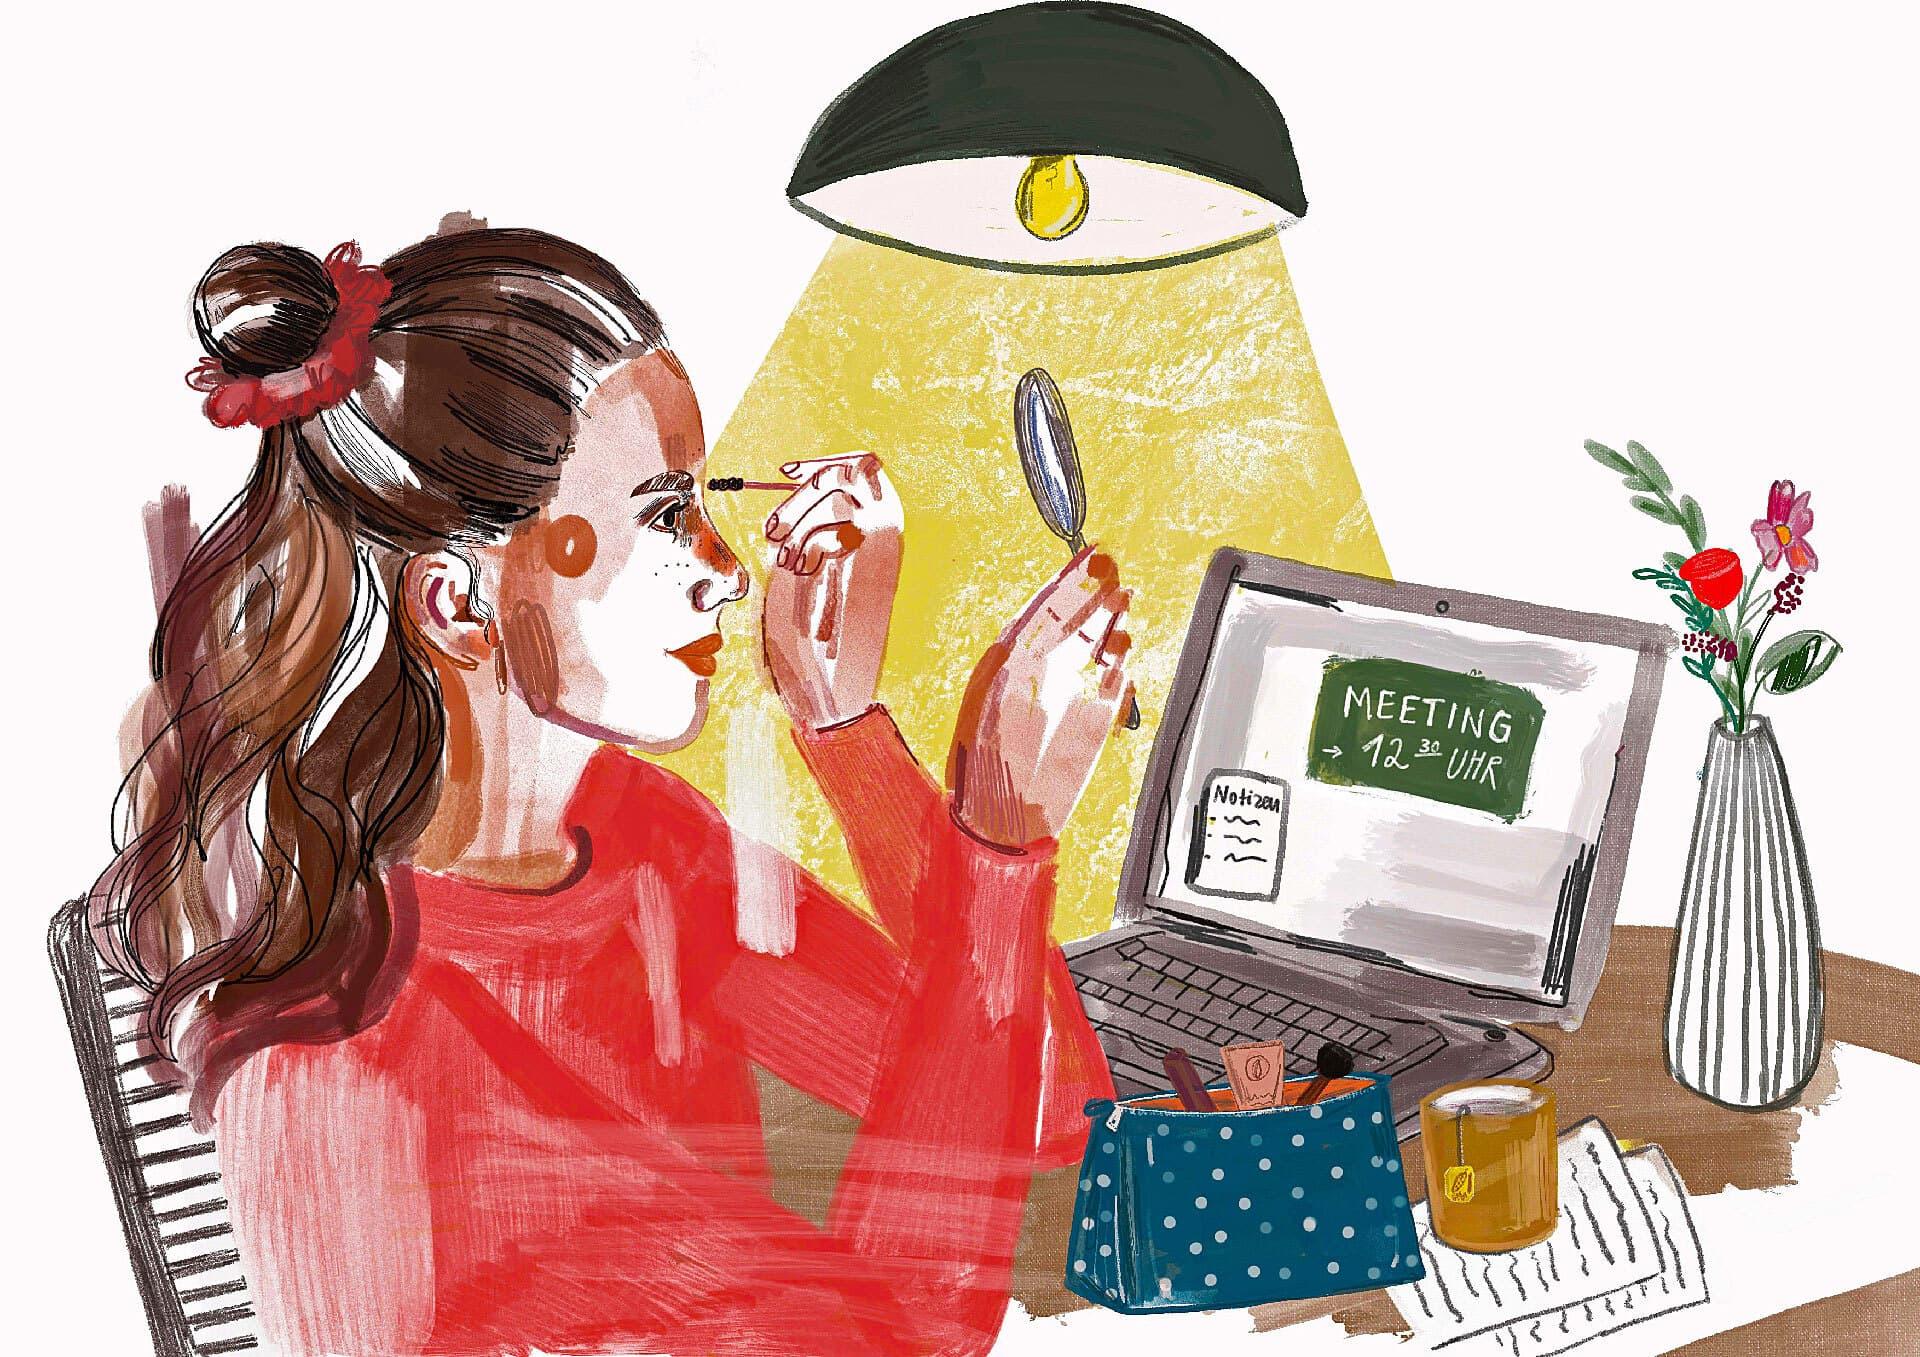 Eine Frau schminkt sich - einen kleinen Spiegel in der rechten Hand - vor dem aufgeklappten Laptop an ihrem Wohnzimmertisch. Neben ihr stehen eine Teetasse und ein Kosmetikbeutel, darunter liegen Zettel mit Notizen.